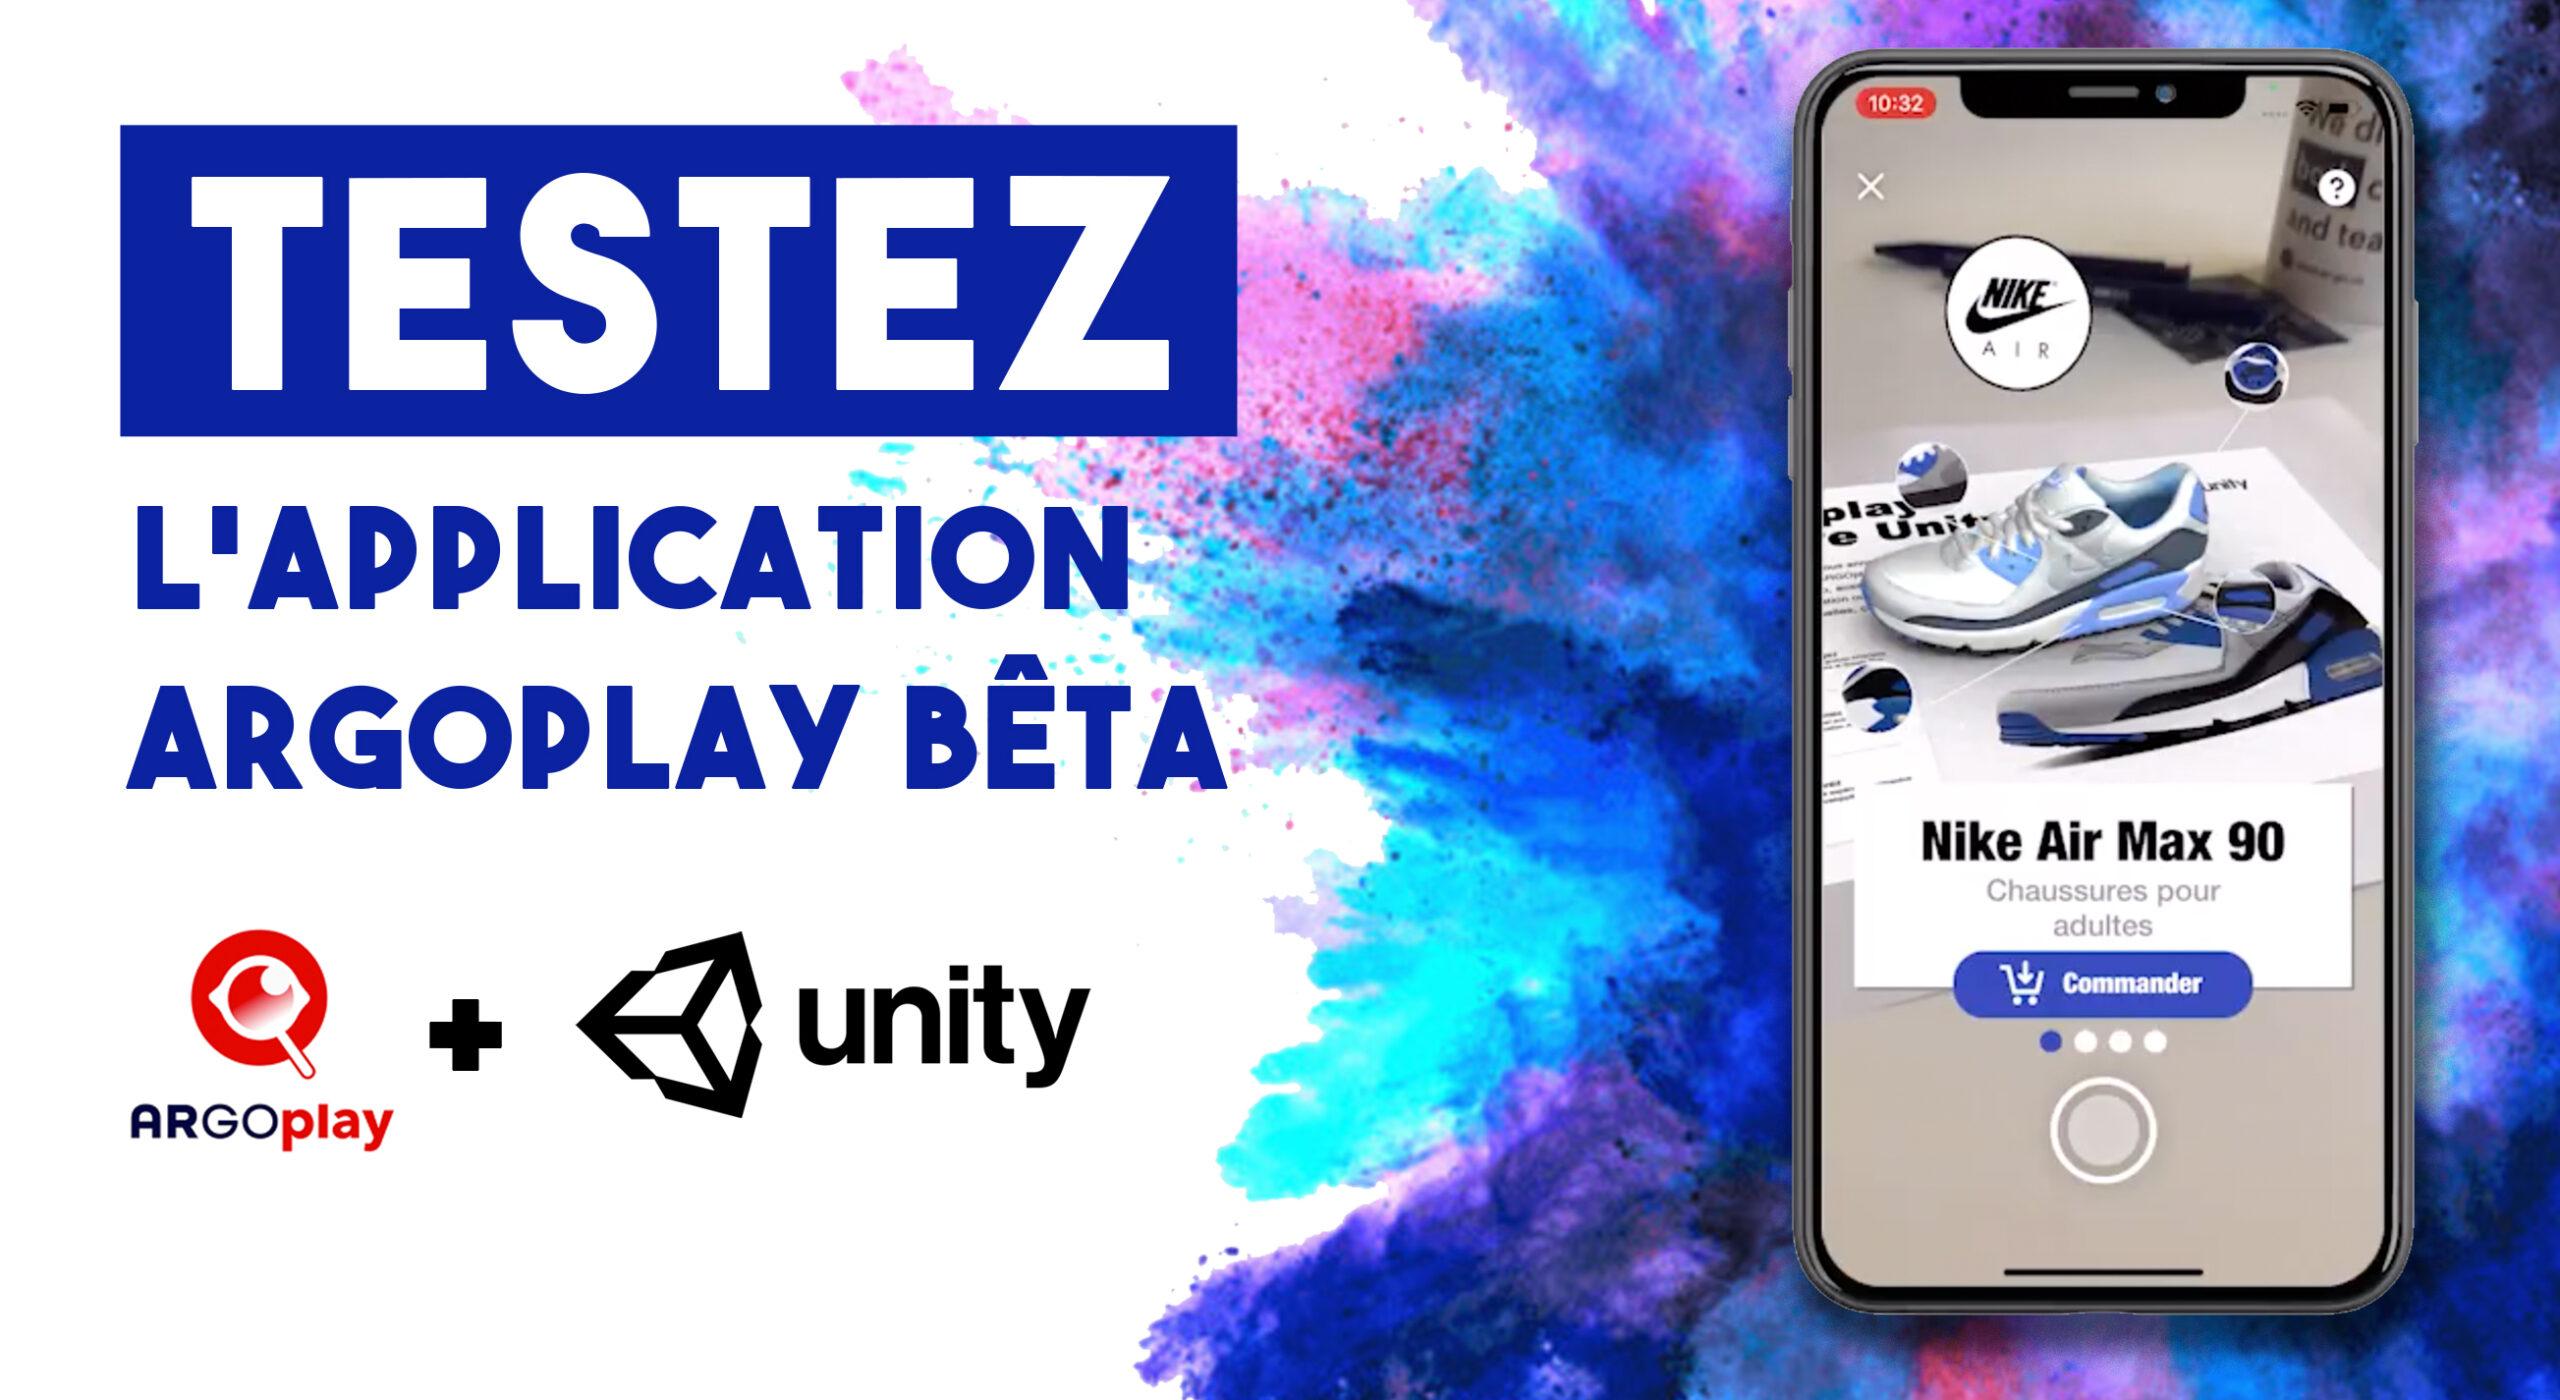 Testez ARGOplay / Unity (Bêta)